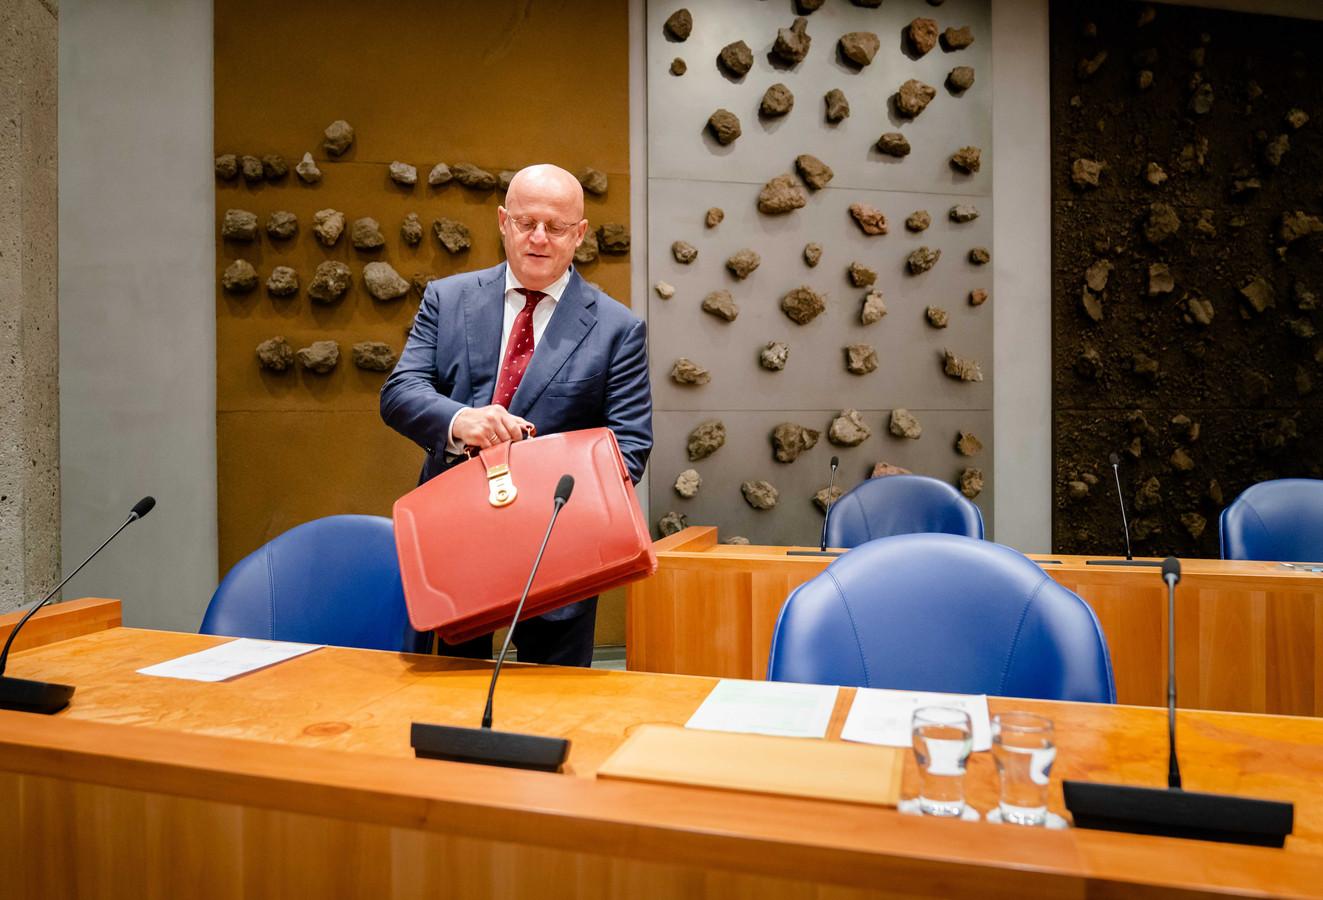 Demissionair minister Ferd Grapperhaus (Justitie en Veiligheid) tijdens een debat met de Tweede Kamer over Julio Poch.